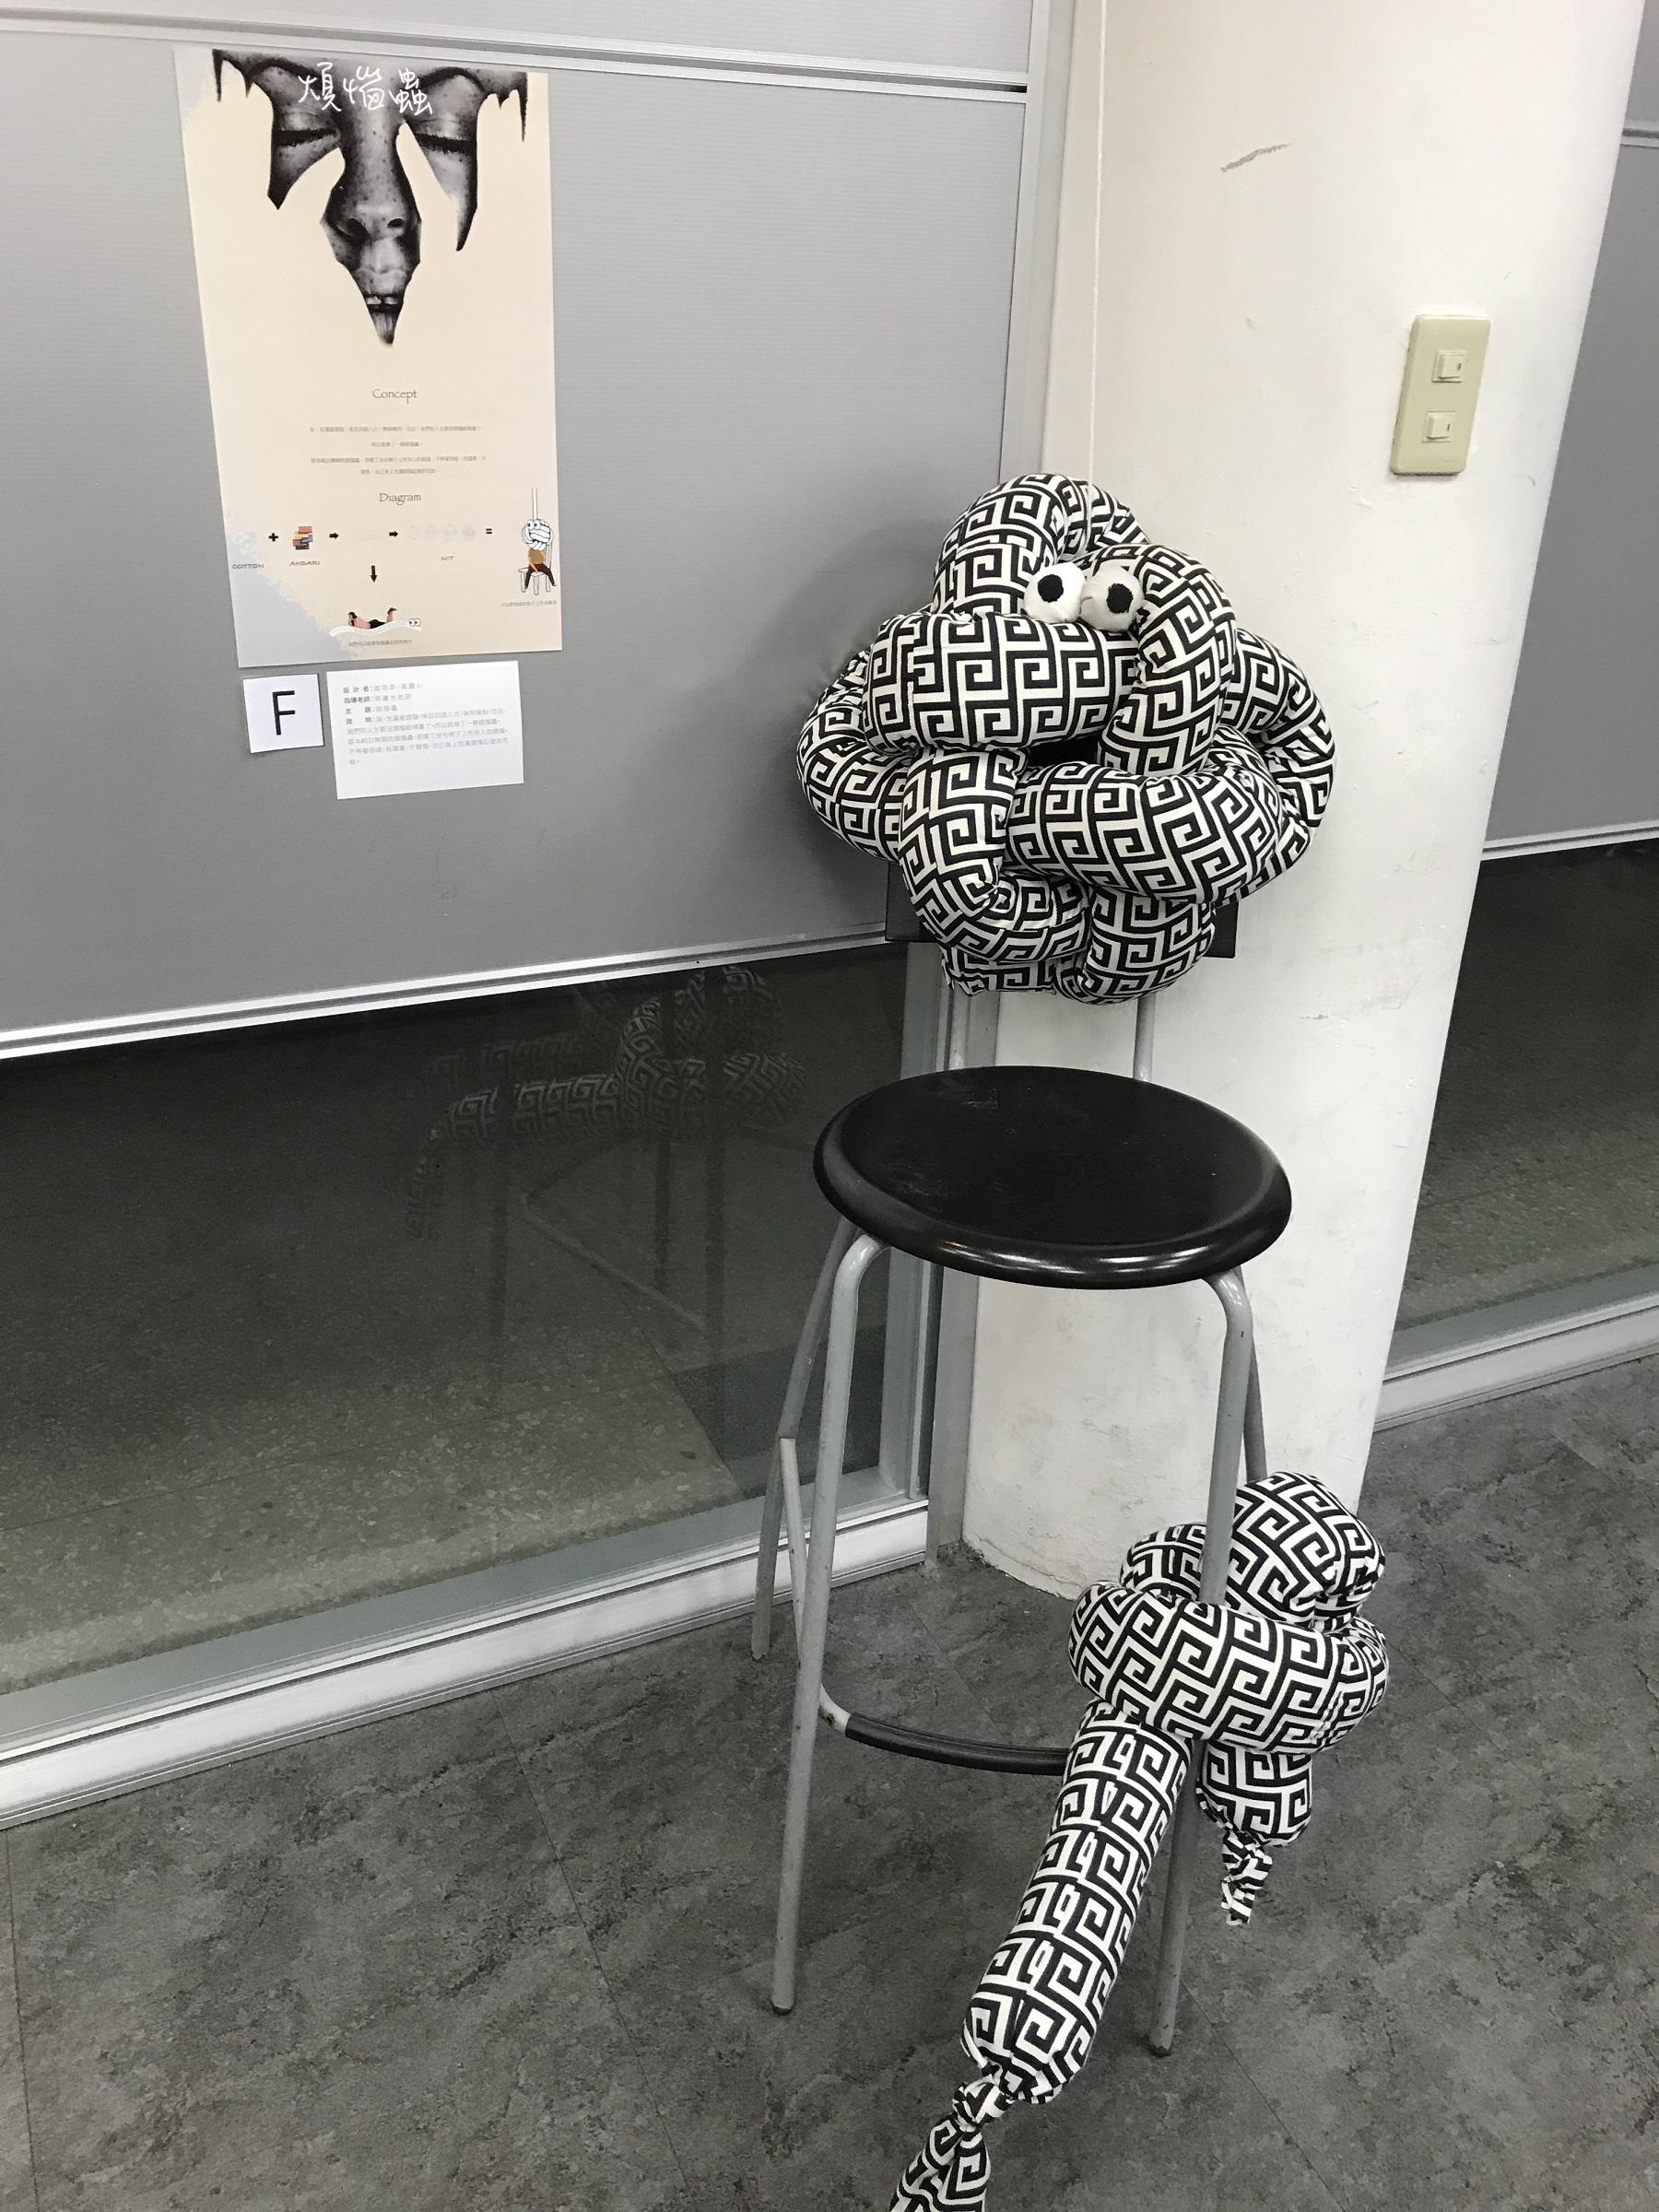 通稿照片5-中原室設與安德利集團合作的「幸福設計」學生創意展,學生利用淘汰布料的創意作品「煩惱蟲」椅子,象徵坐在上面就能吞噬煩惱。.jpg